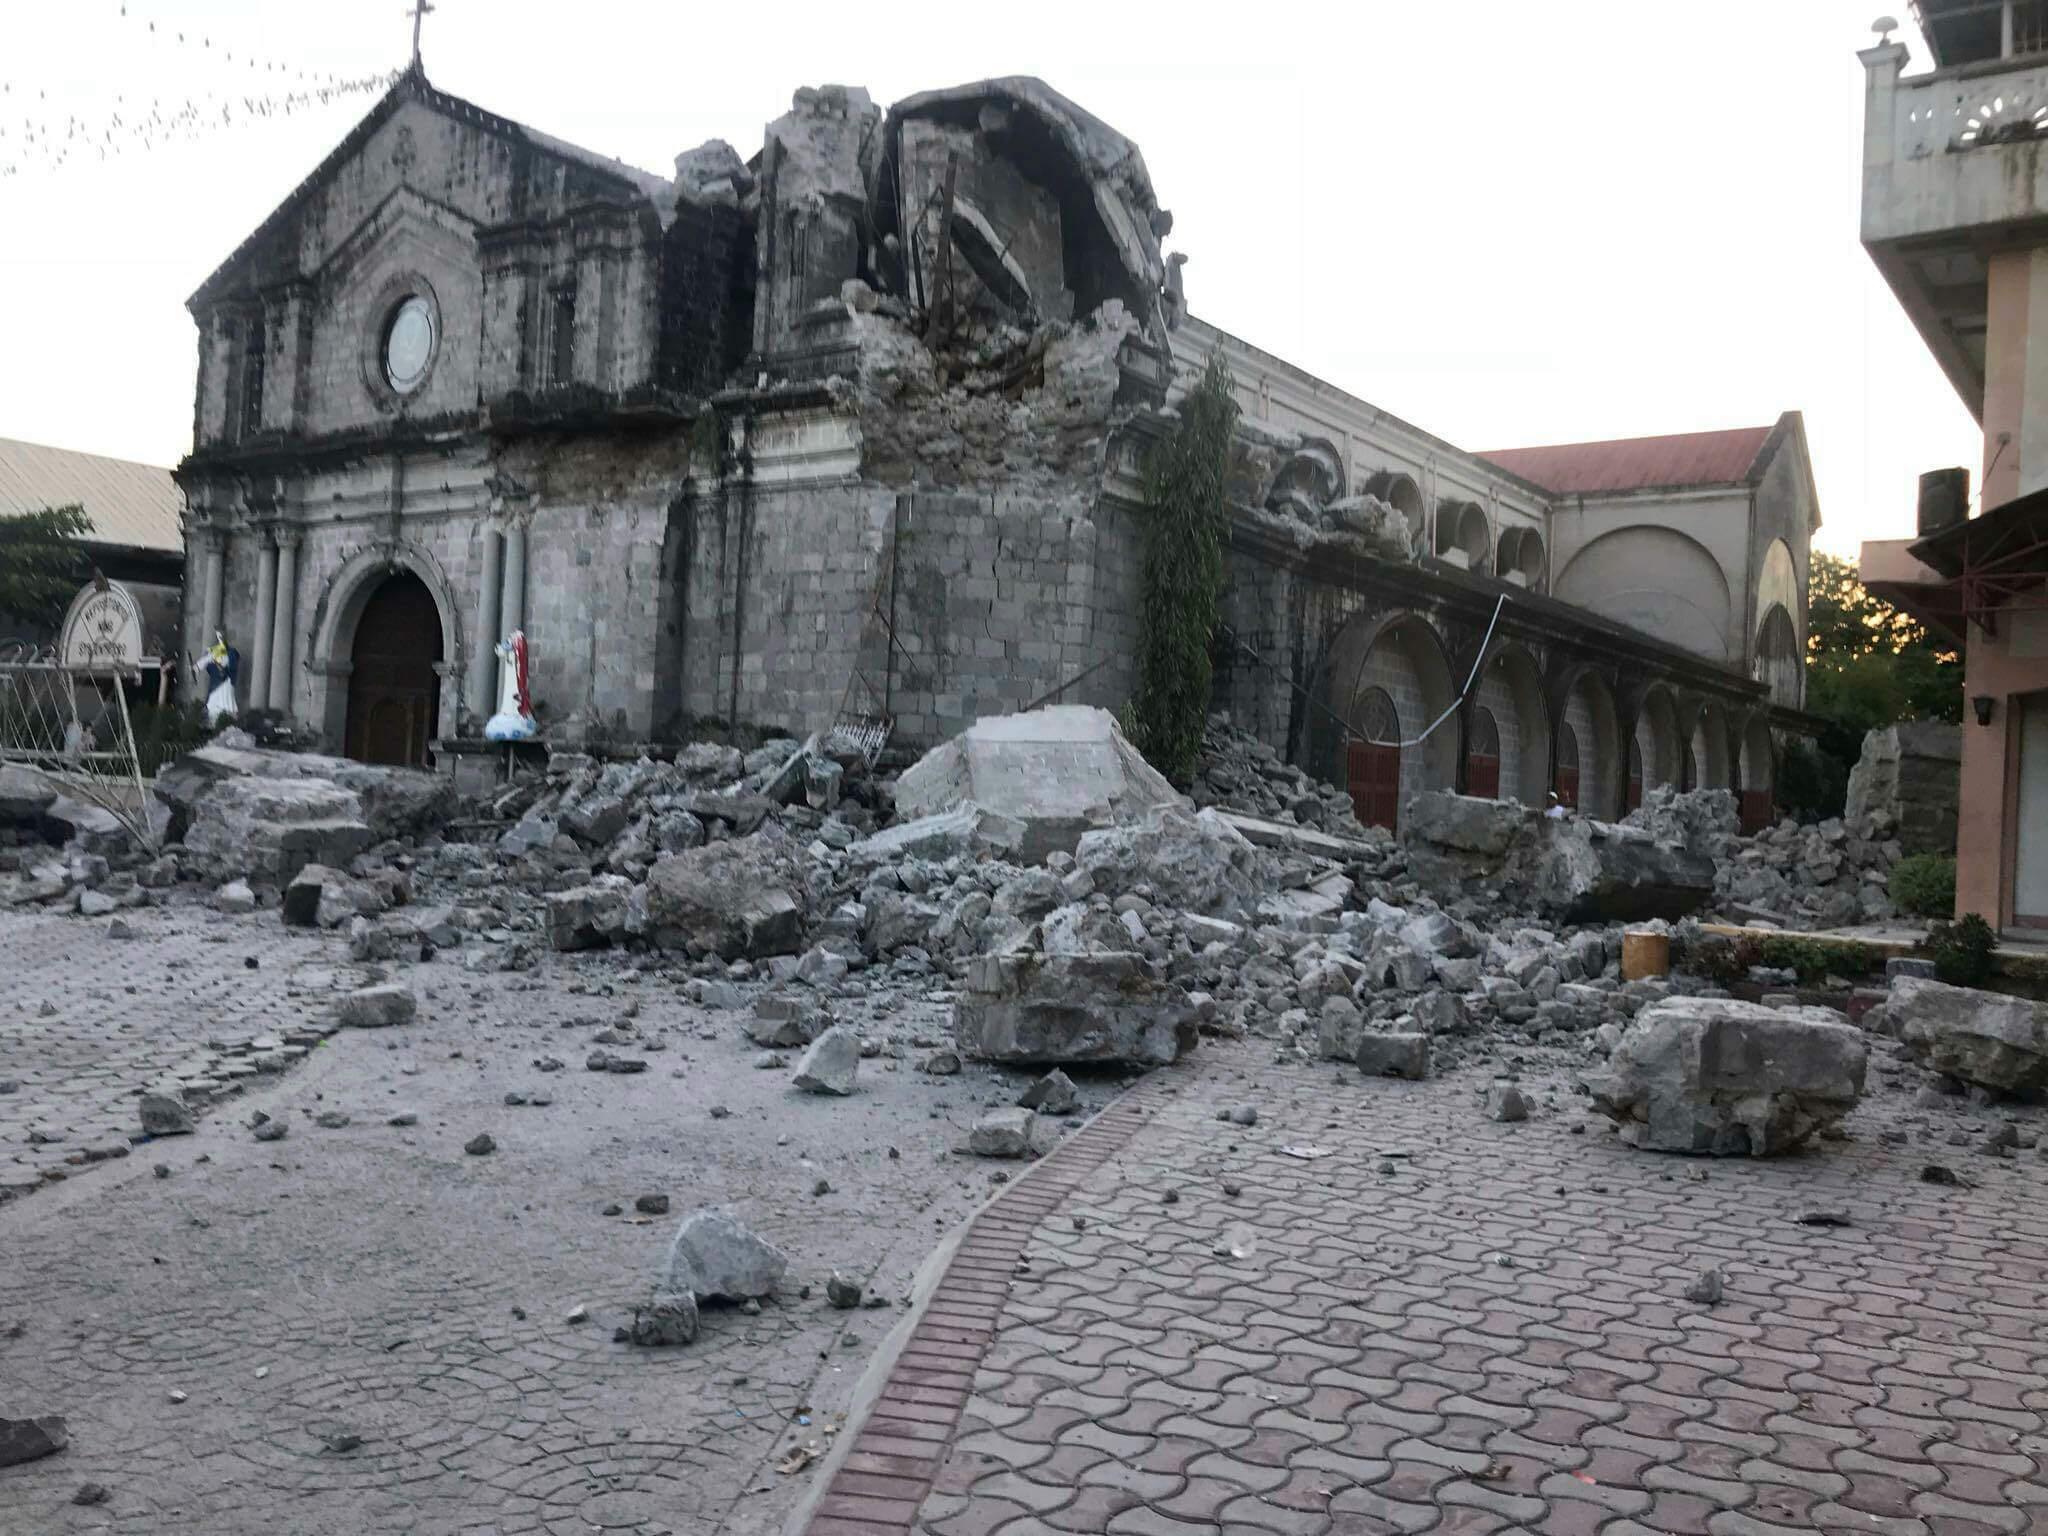 FOTO Daños en la iglesia de Santa Catarina, en Porac, Filipinas, tras sismo de magnitud 6.1 (AP 22 abril 2019)